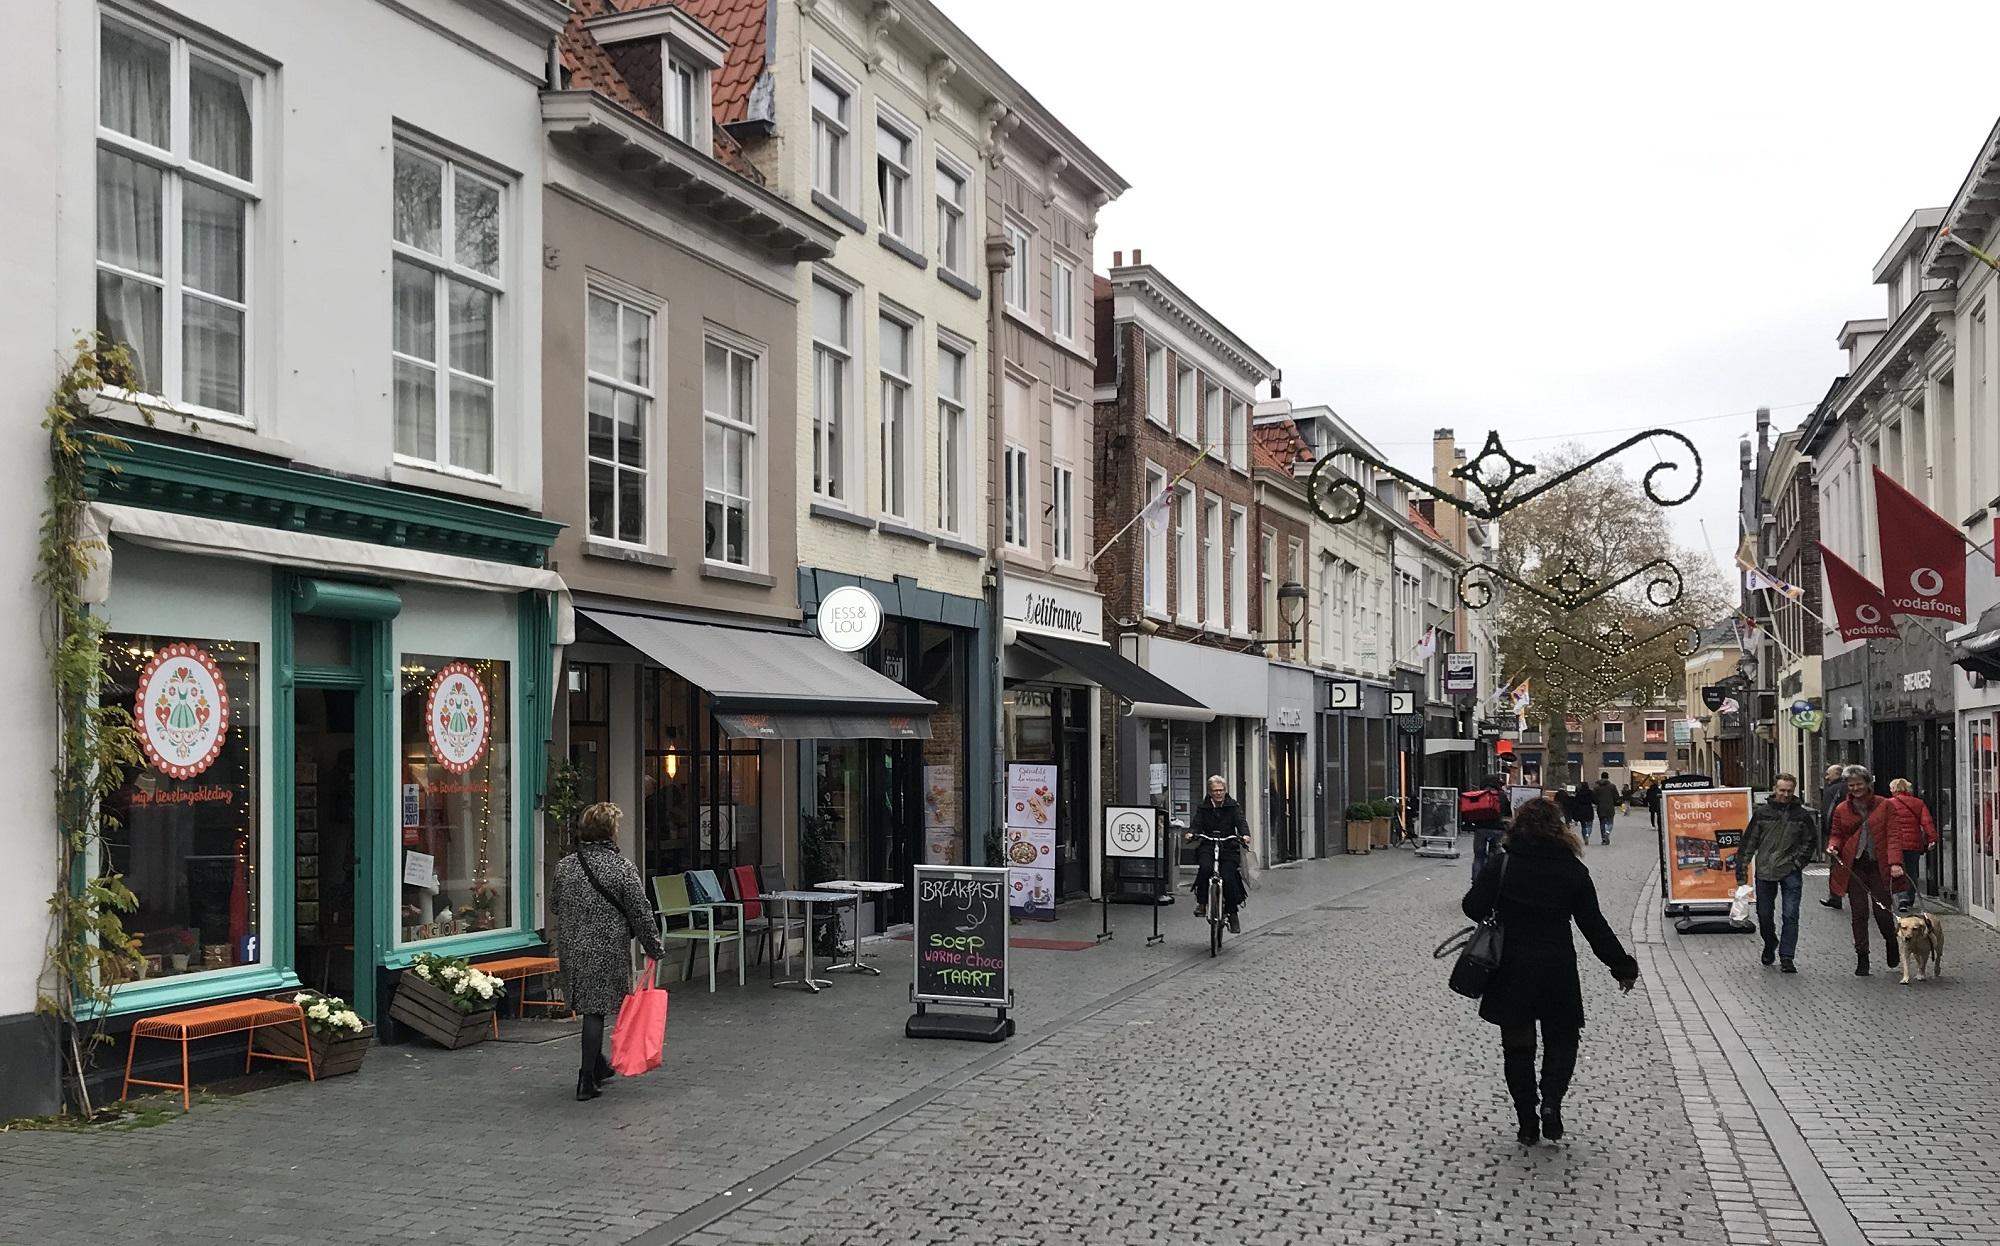 cnetrum binnenstad winkelen koopzondag shoppen mij lievelingswinkel